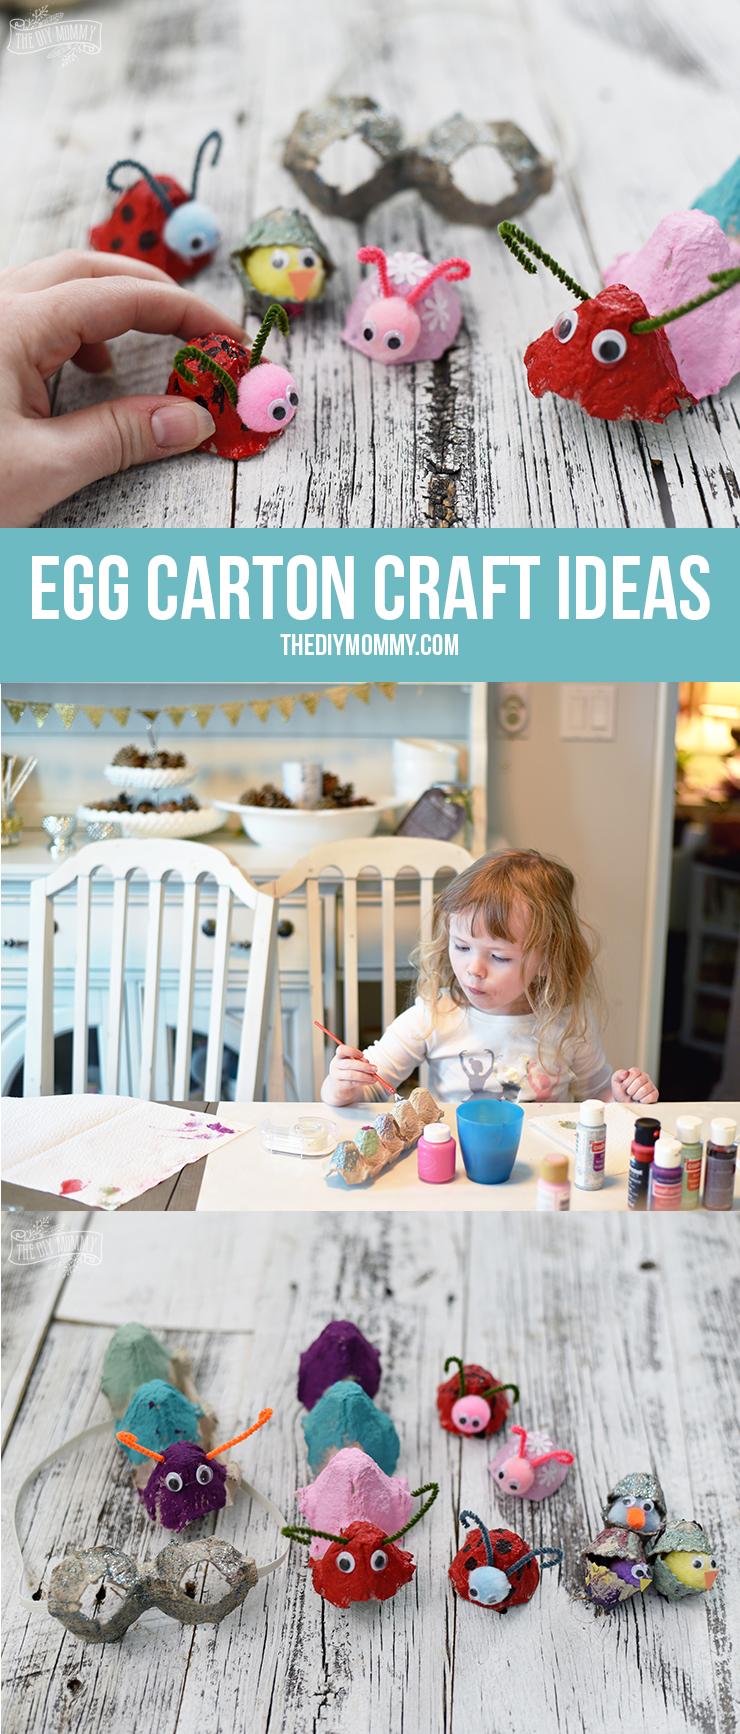 DIY Egg Carton Craft Ideas